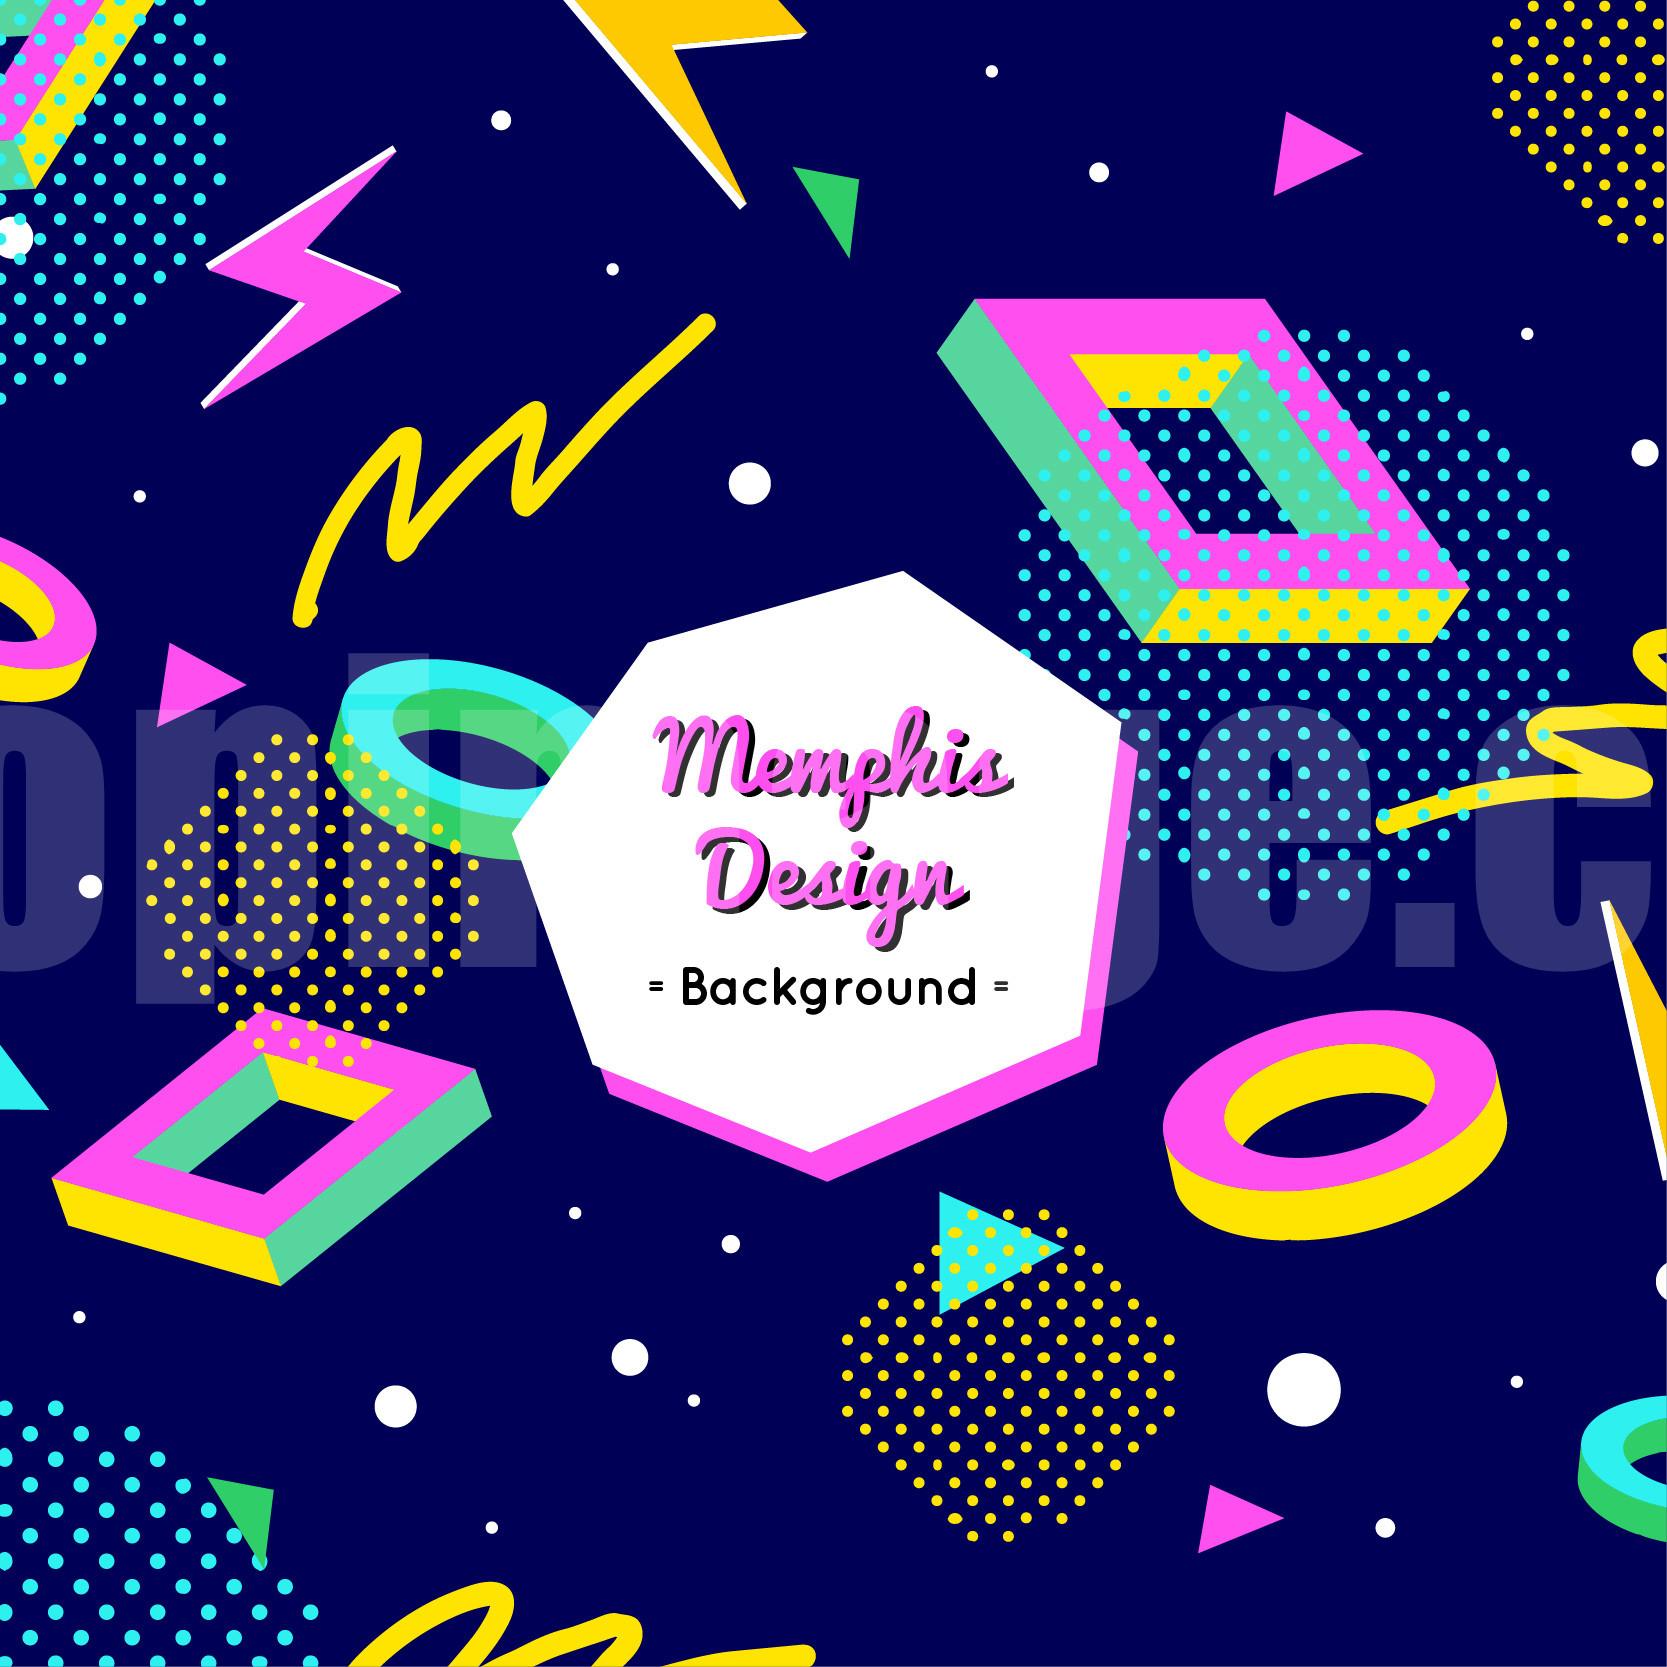 孟菲斯Memphis几何创意平面封面背景海报源文件下载